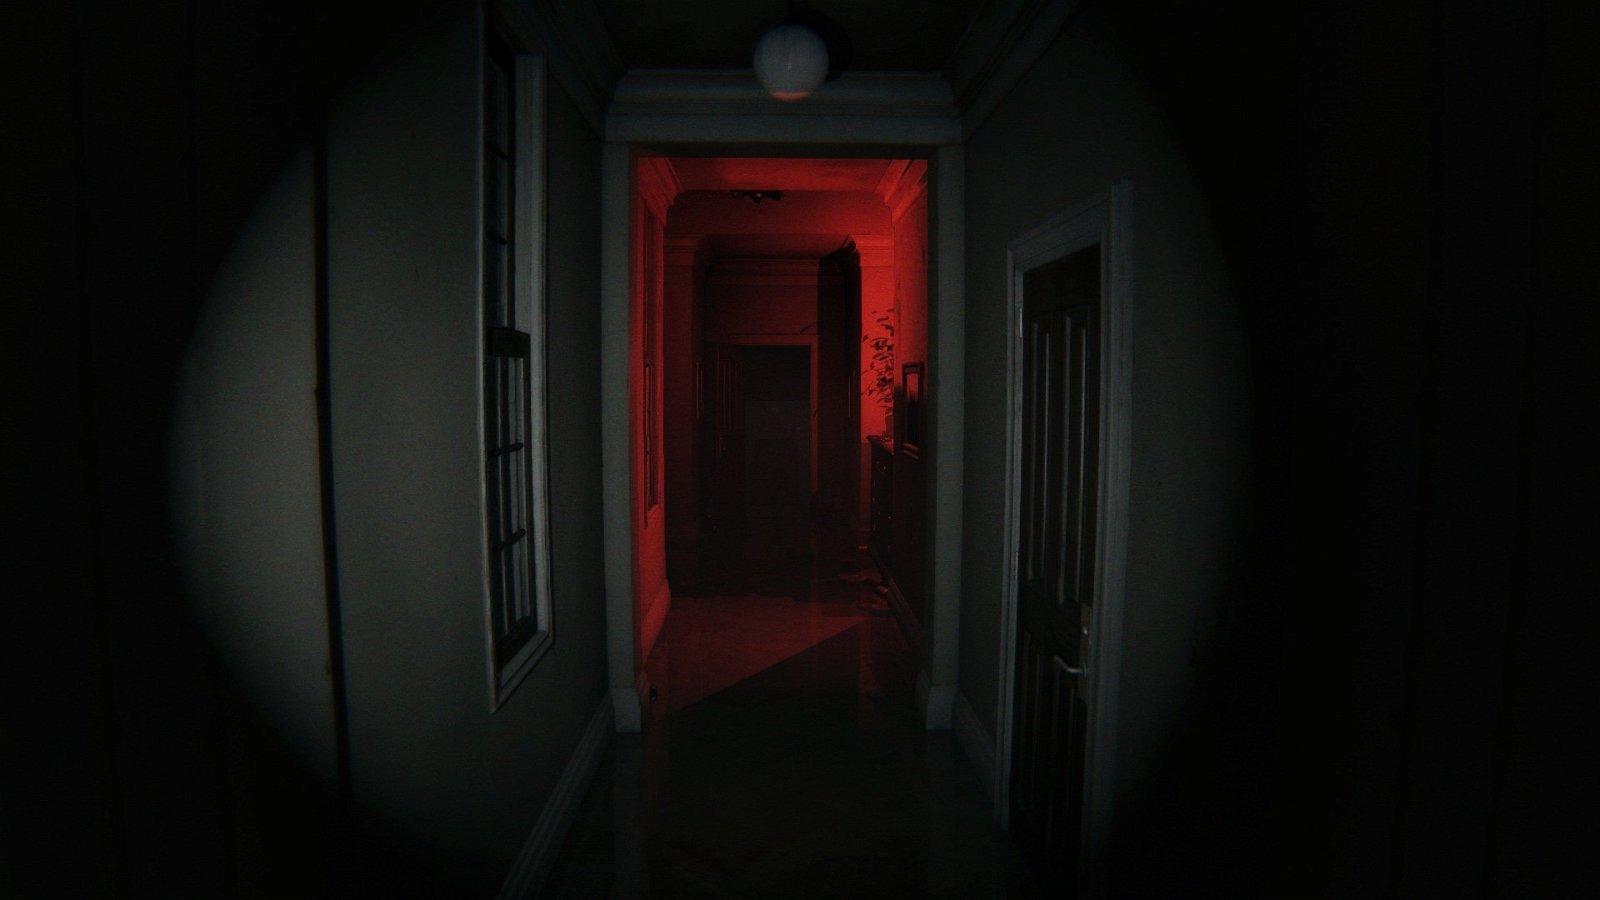 Silenthillsinsert1